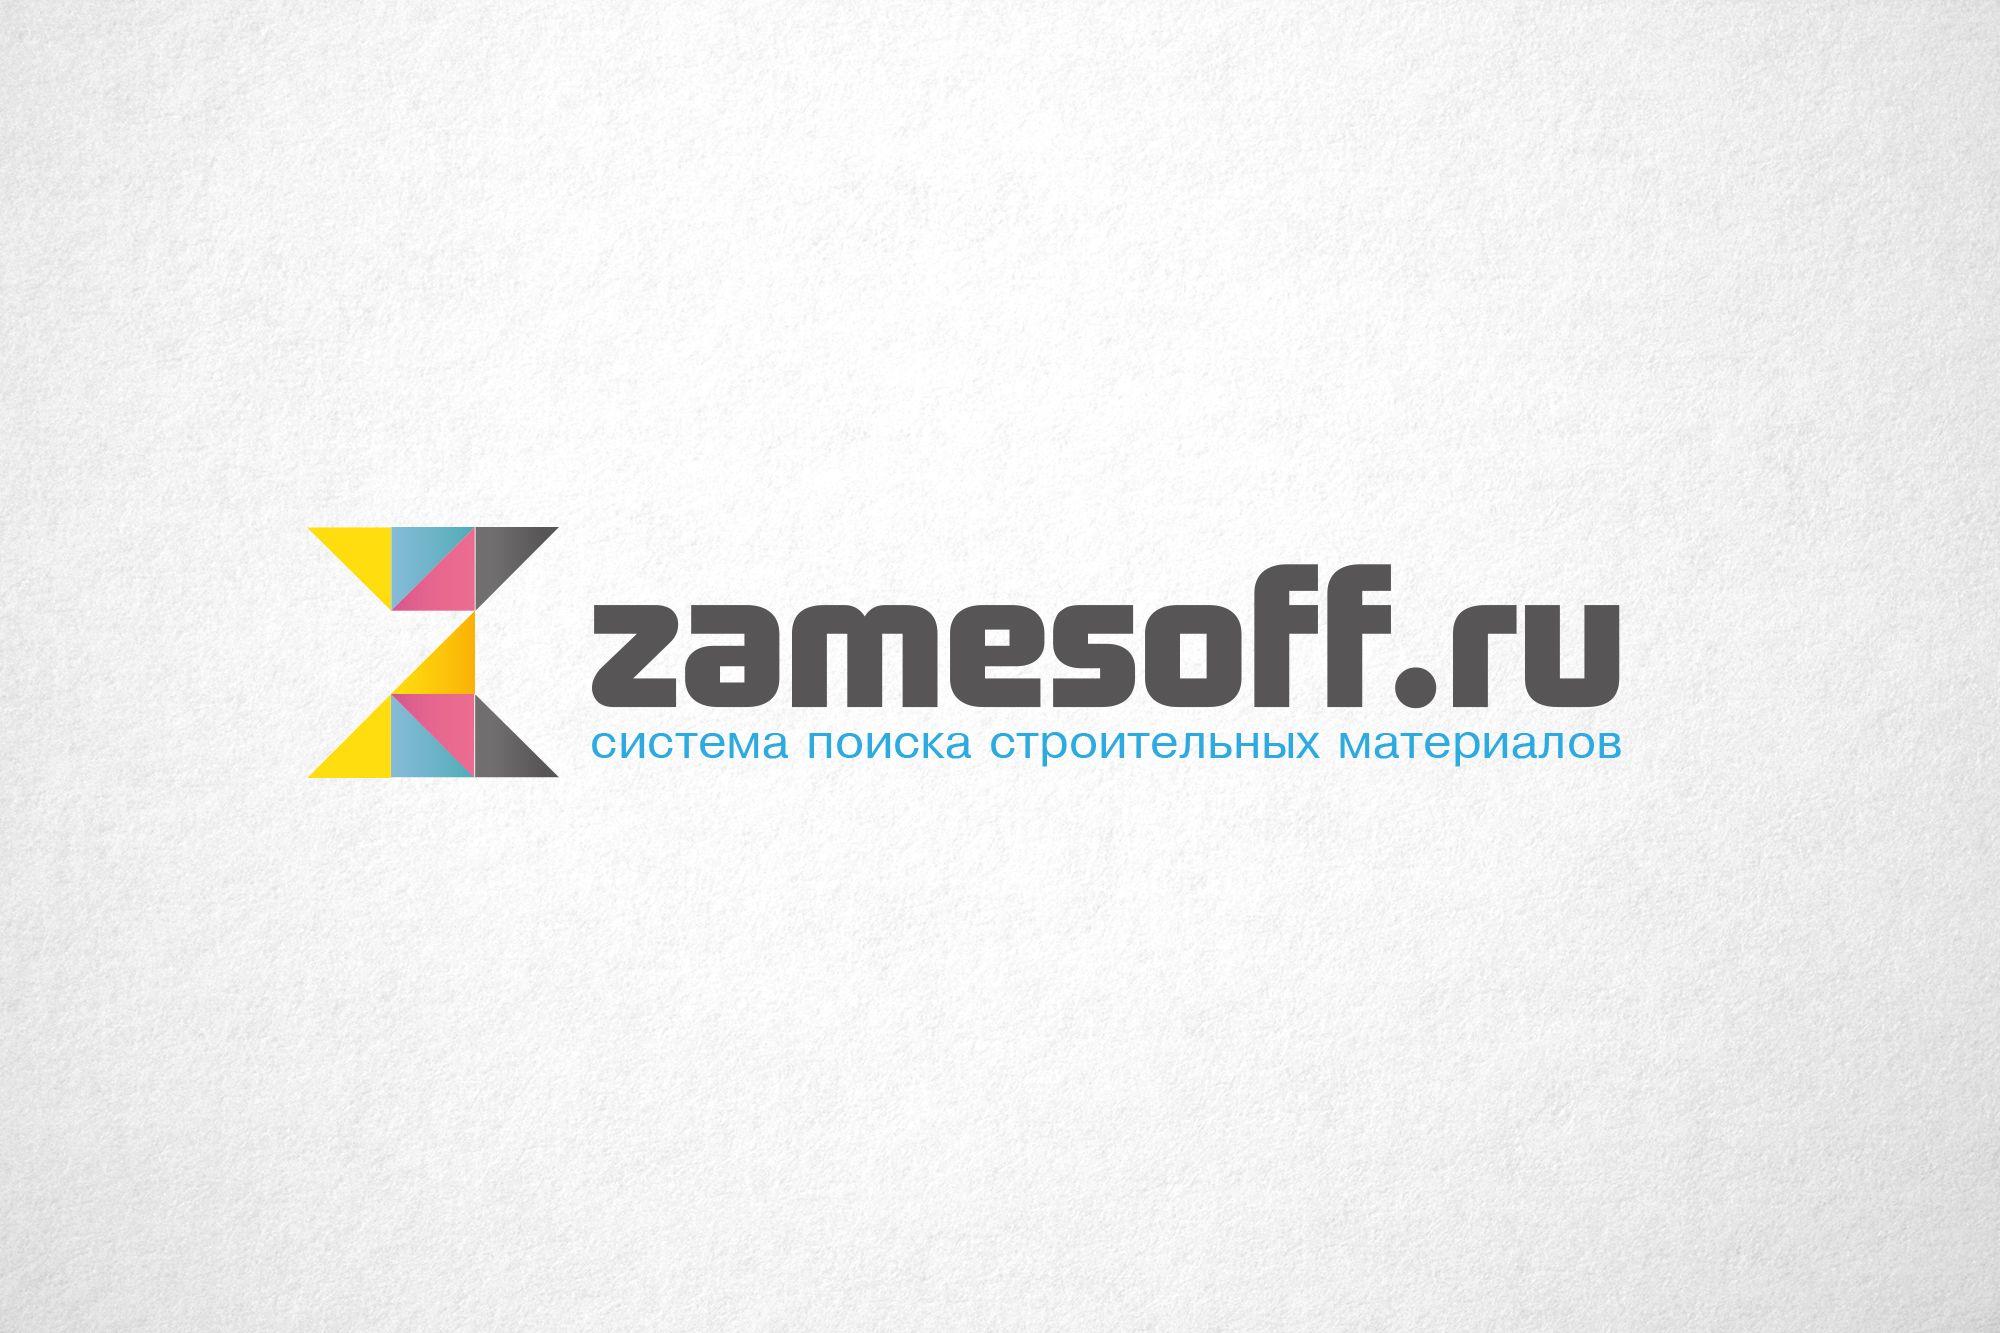 Лого для сервиса по поиску строительных материалов - дизайнер funkielevis